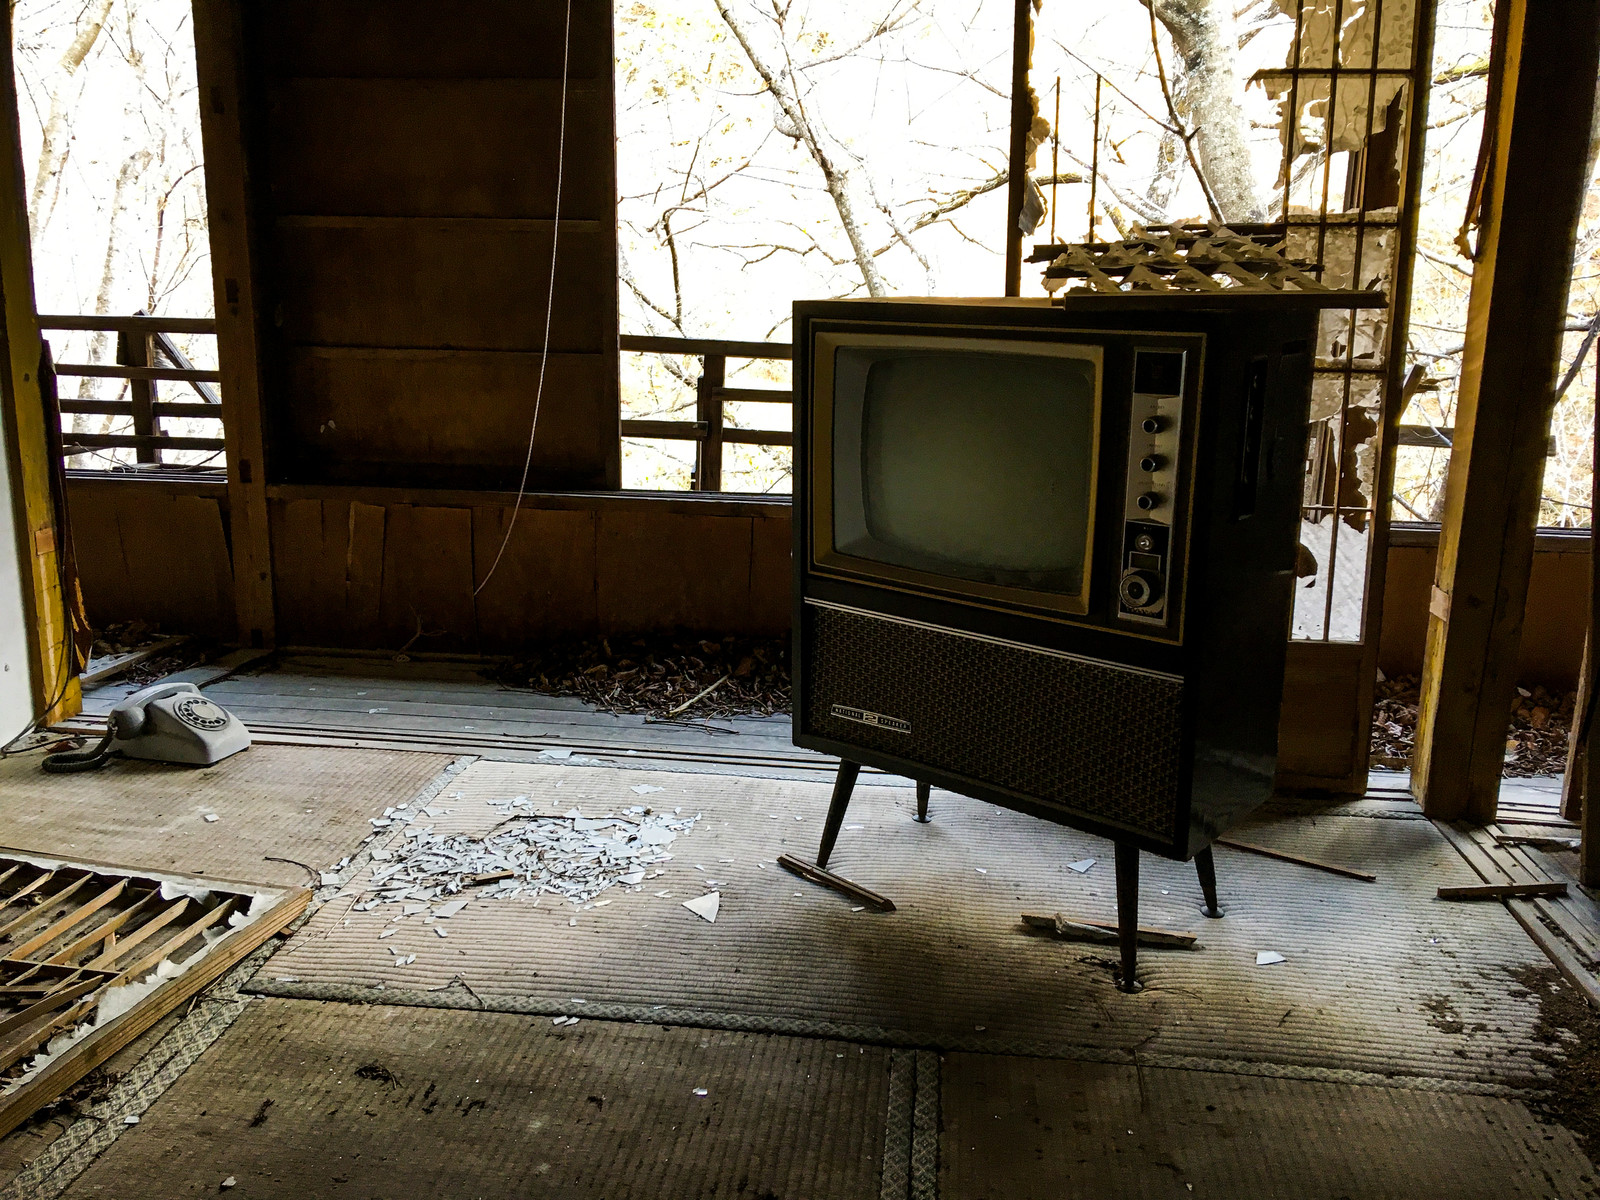 「廃屋に残された古いアナログテレビ」の写真